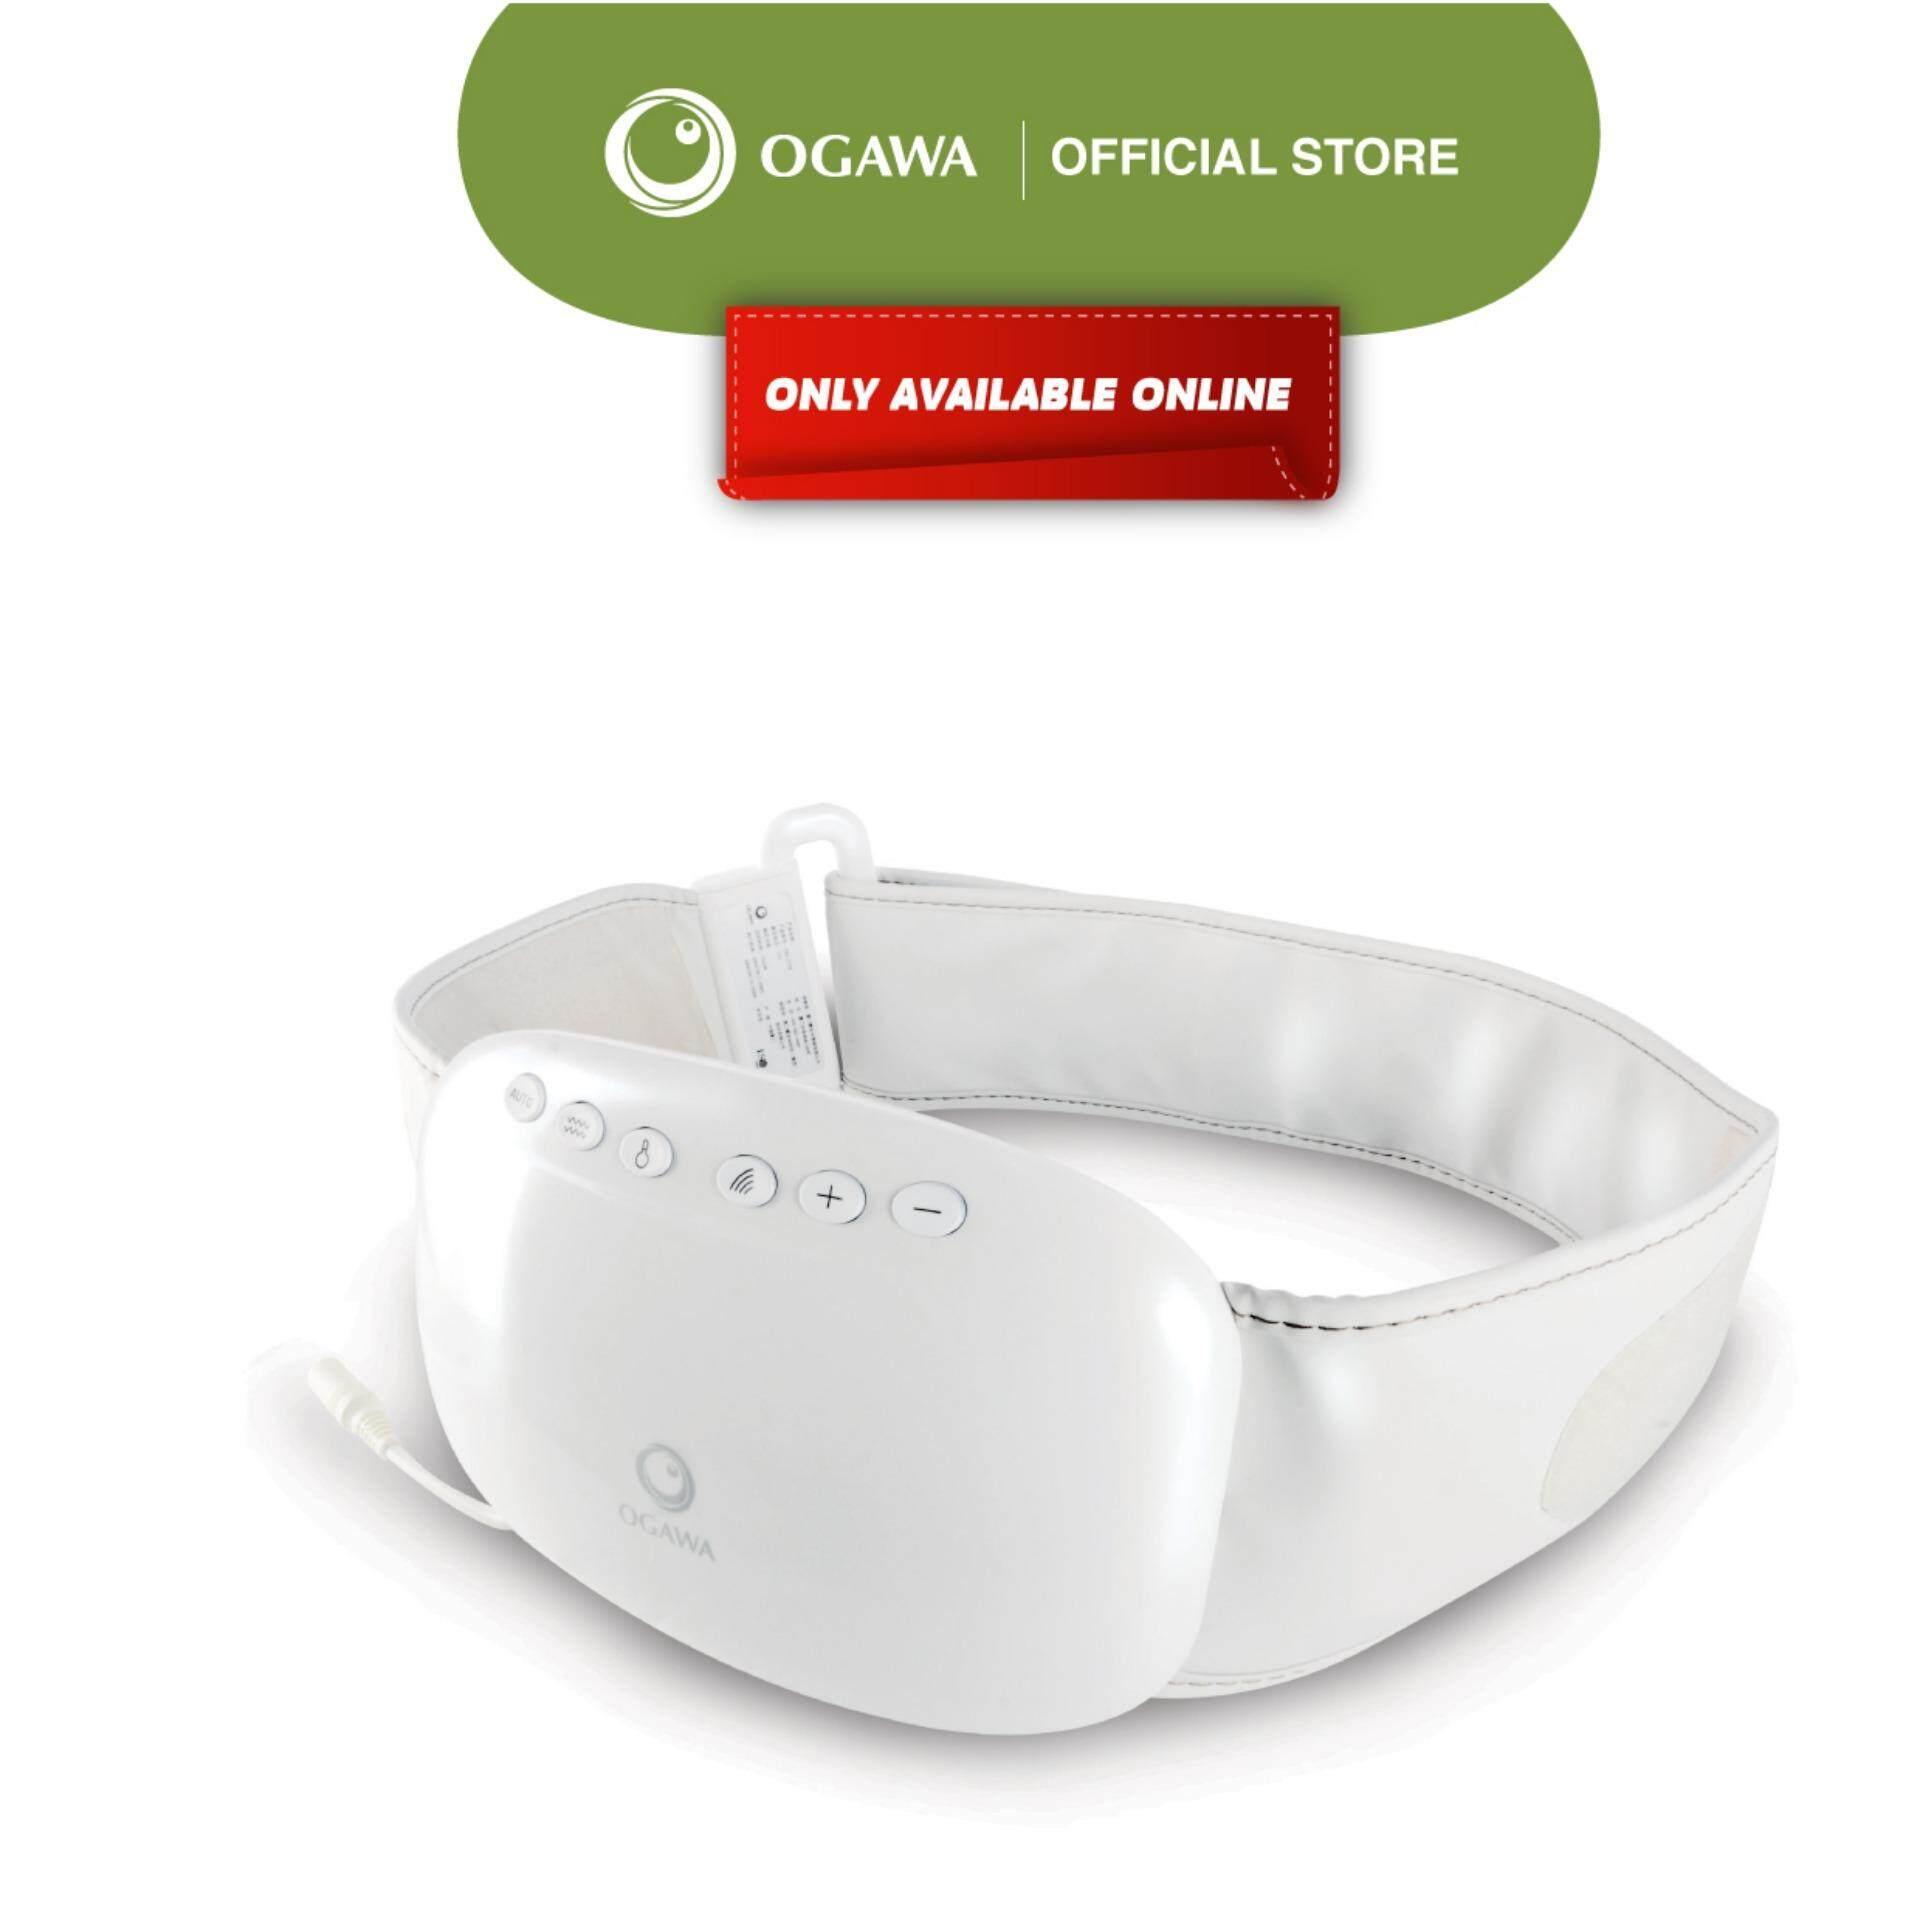 Ogawa Ez Curve Shaping Massage Belt By Ogawa.